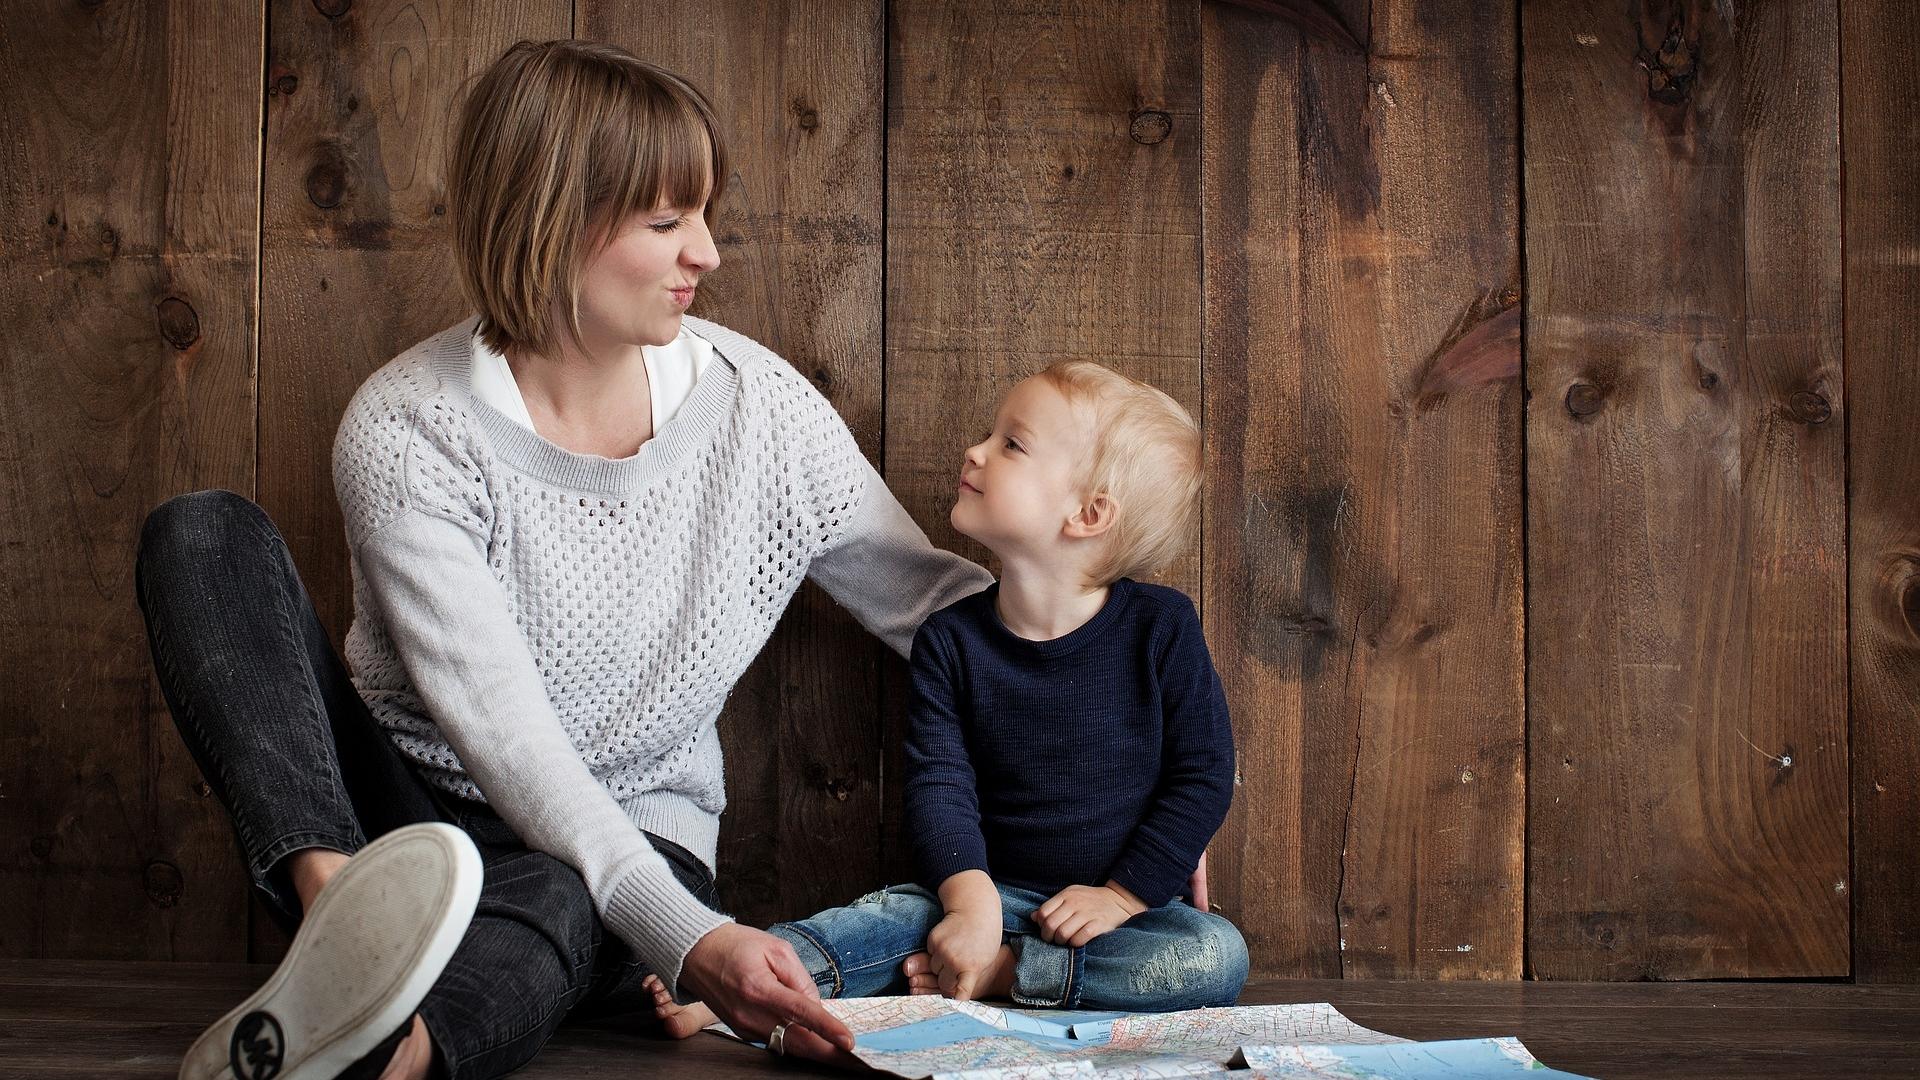 Vytváření partnerských vztahů seznamka homeschool